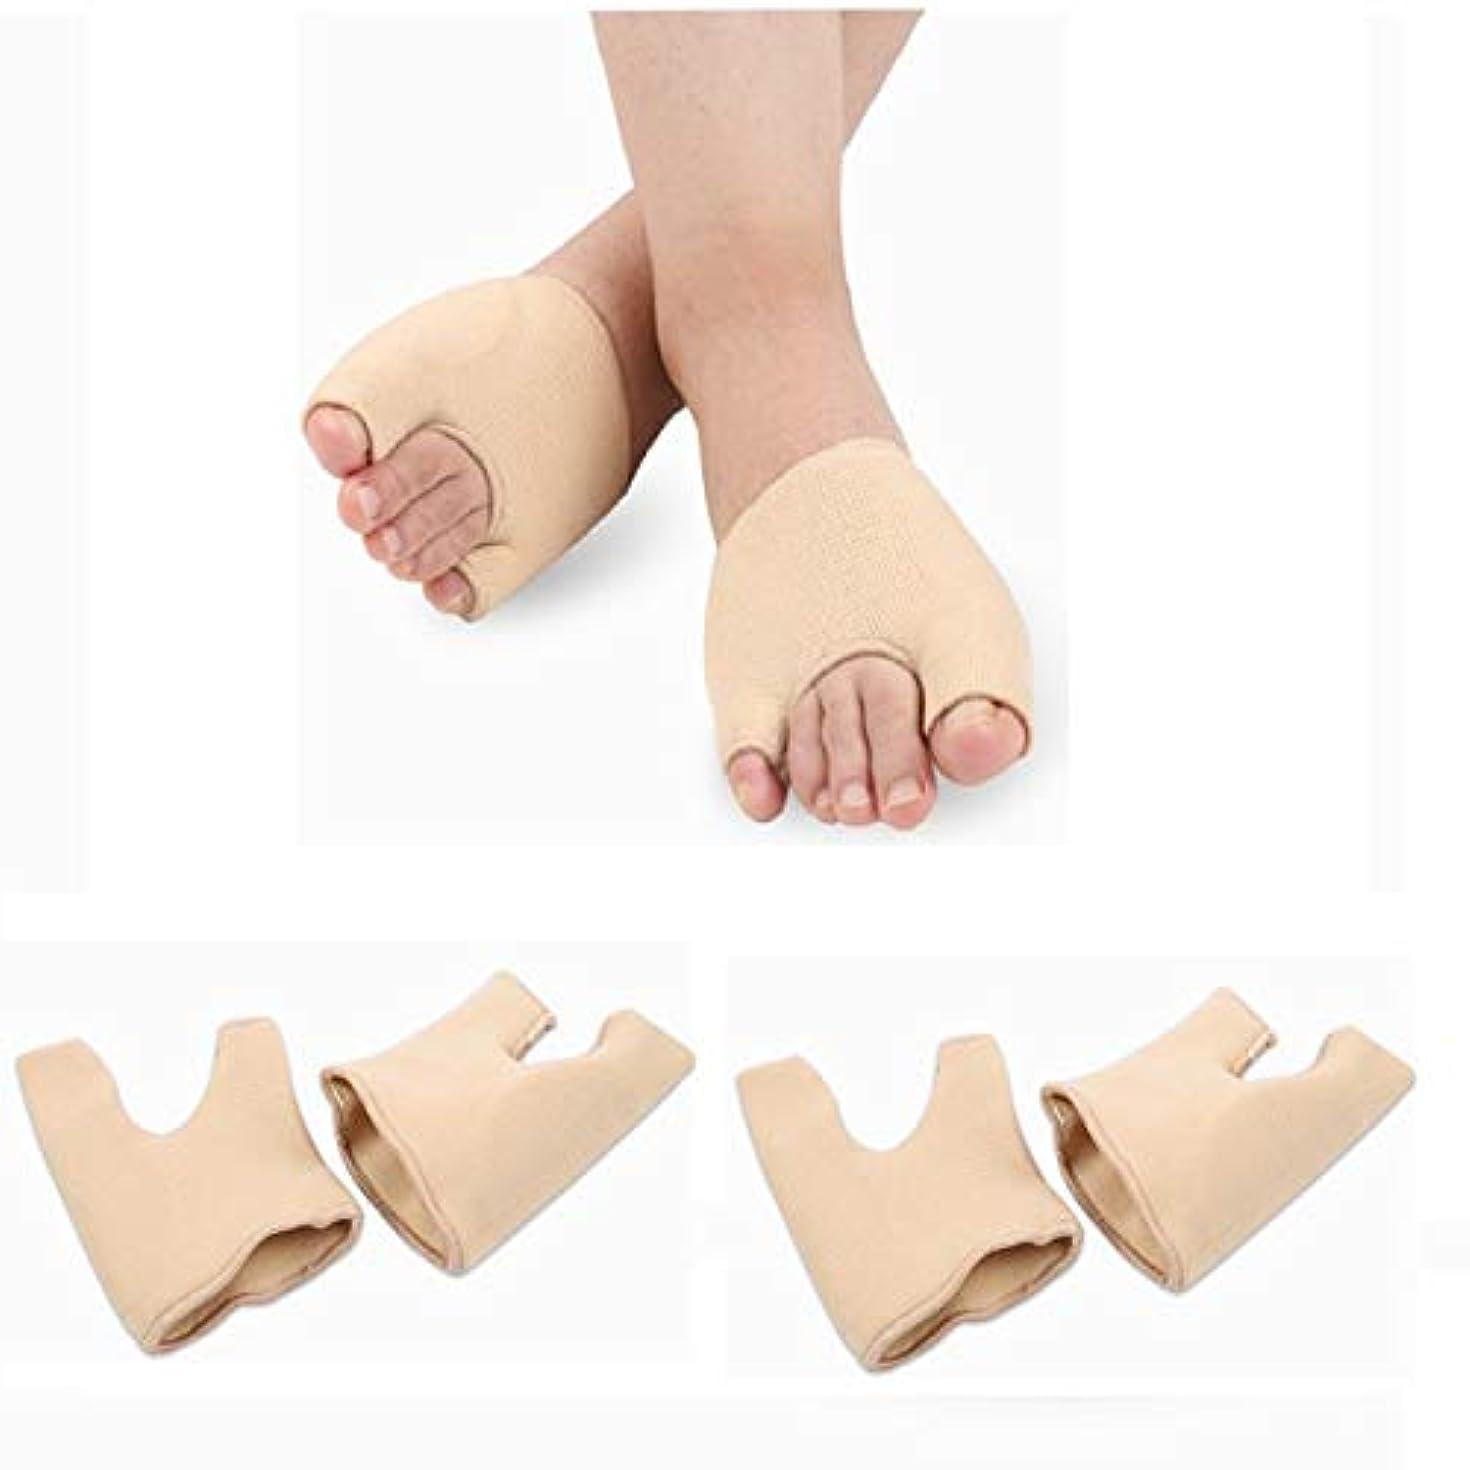 期限定常ウナギHellery 2組の女性は、ブレースの袖を保護するパッド入りの外反母趾の腱膜瘤をゲル化